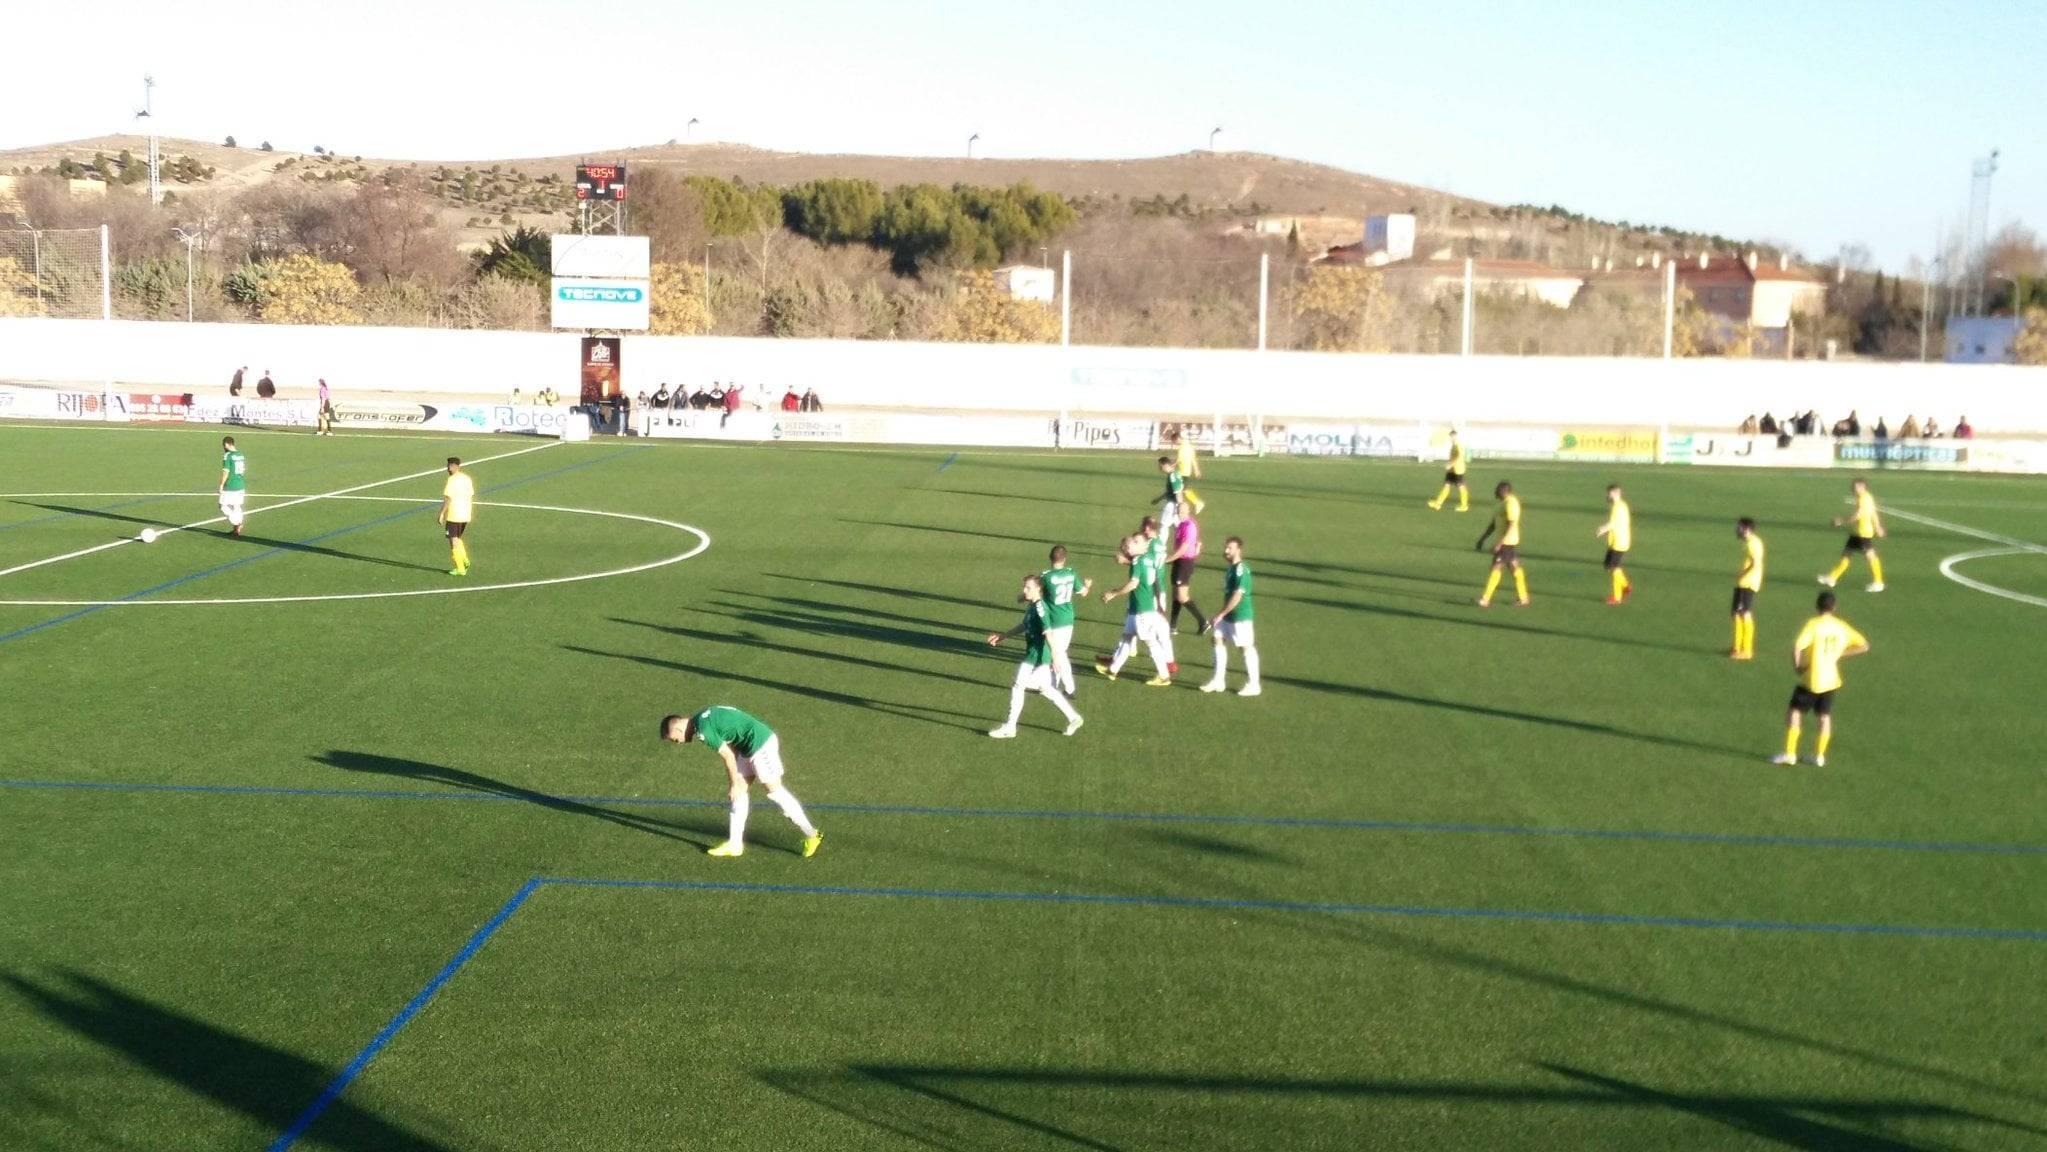 herencia cf vs las mesas futbol herencia 3 - Herencia C.F. suma otros 3 puntos frente Las Mesas